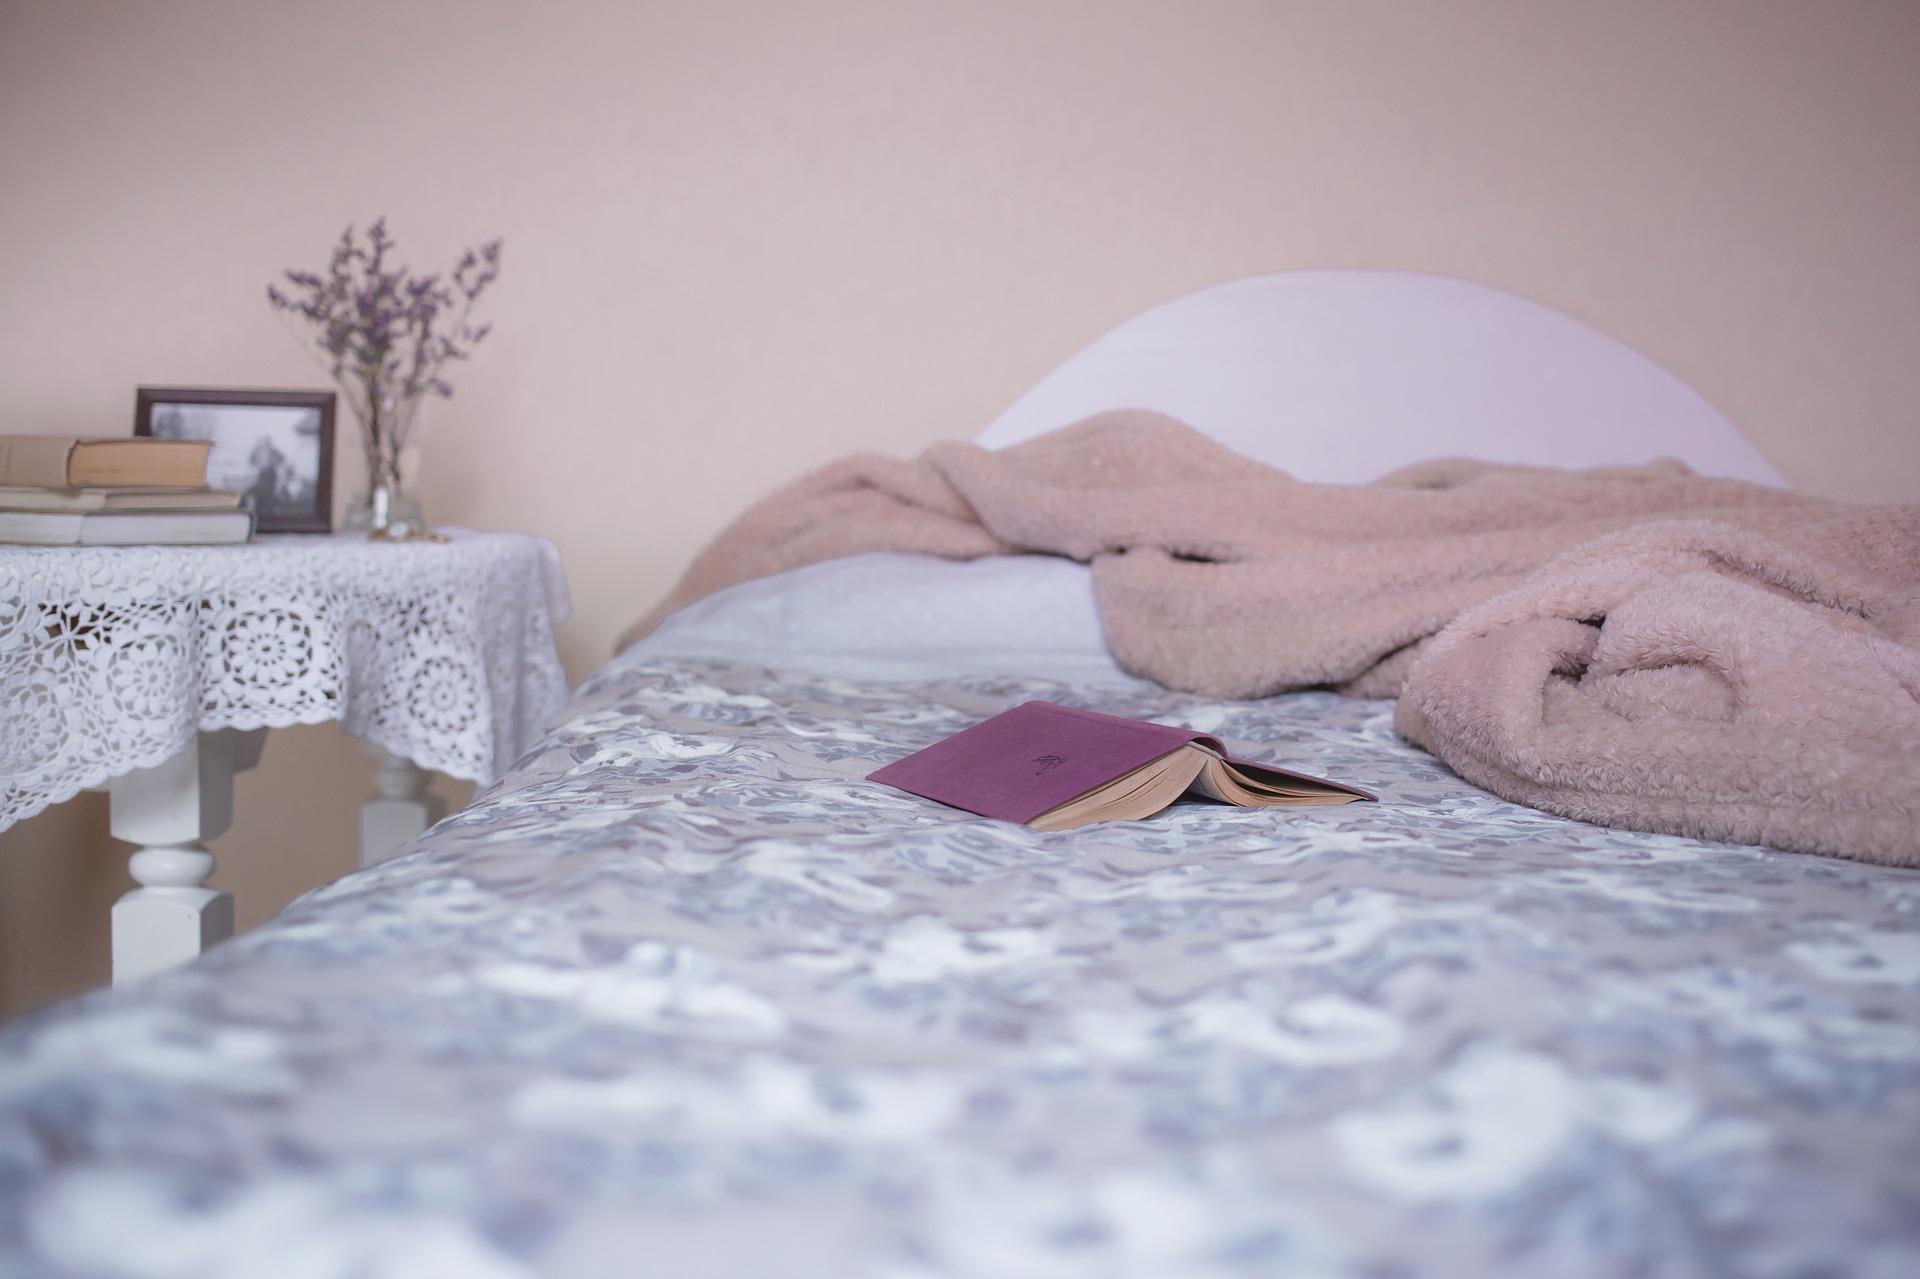 אווירה חורפית - איך להכין את חדר השינה לקראת החורף